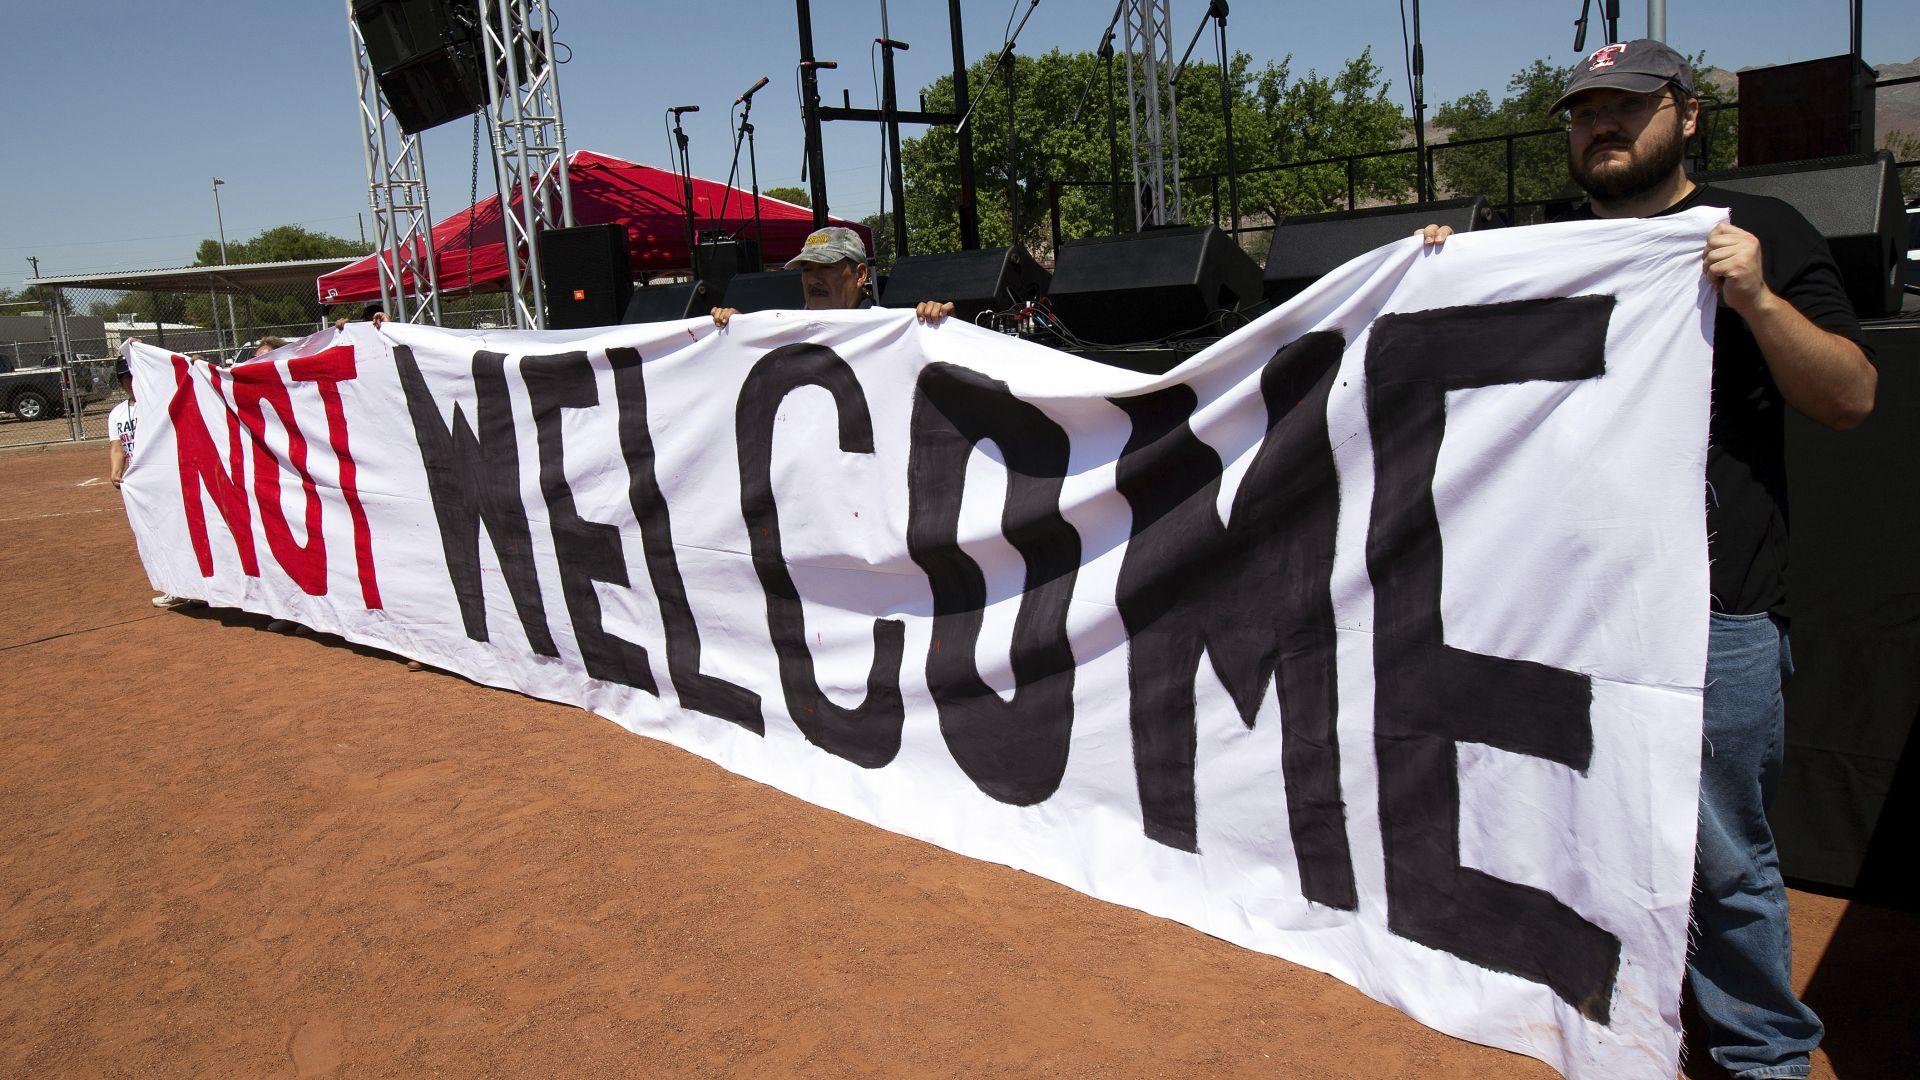 Протестиращи след масовите убийства в Дейтън и Ел Пасо: Тръмп, не си добре дошъл!